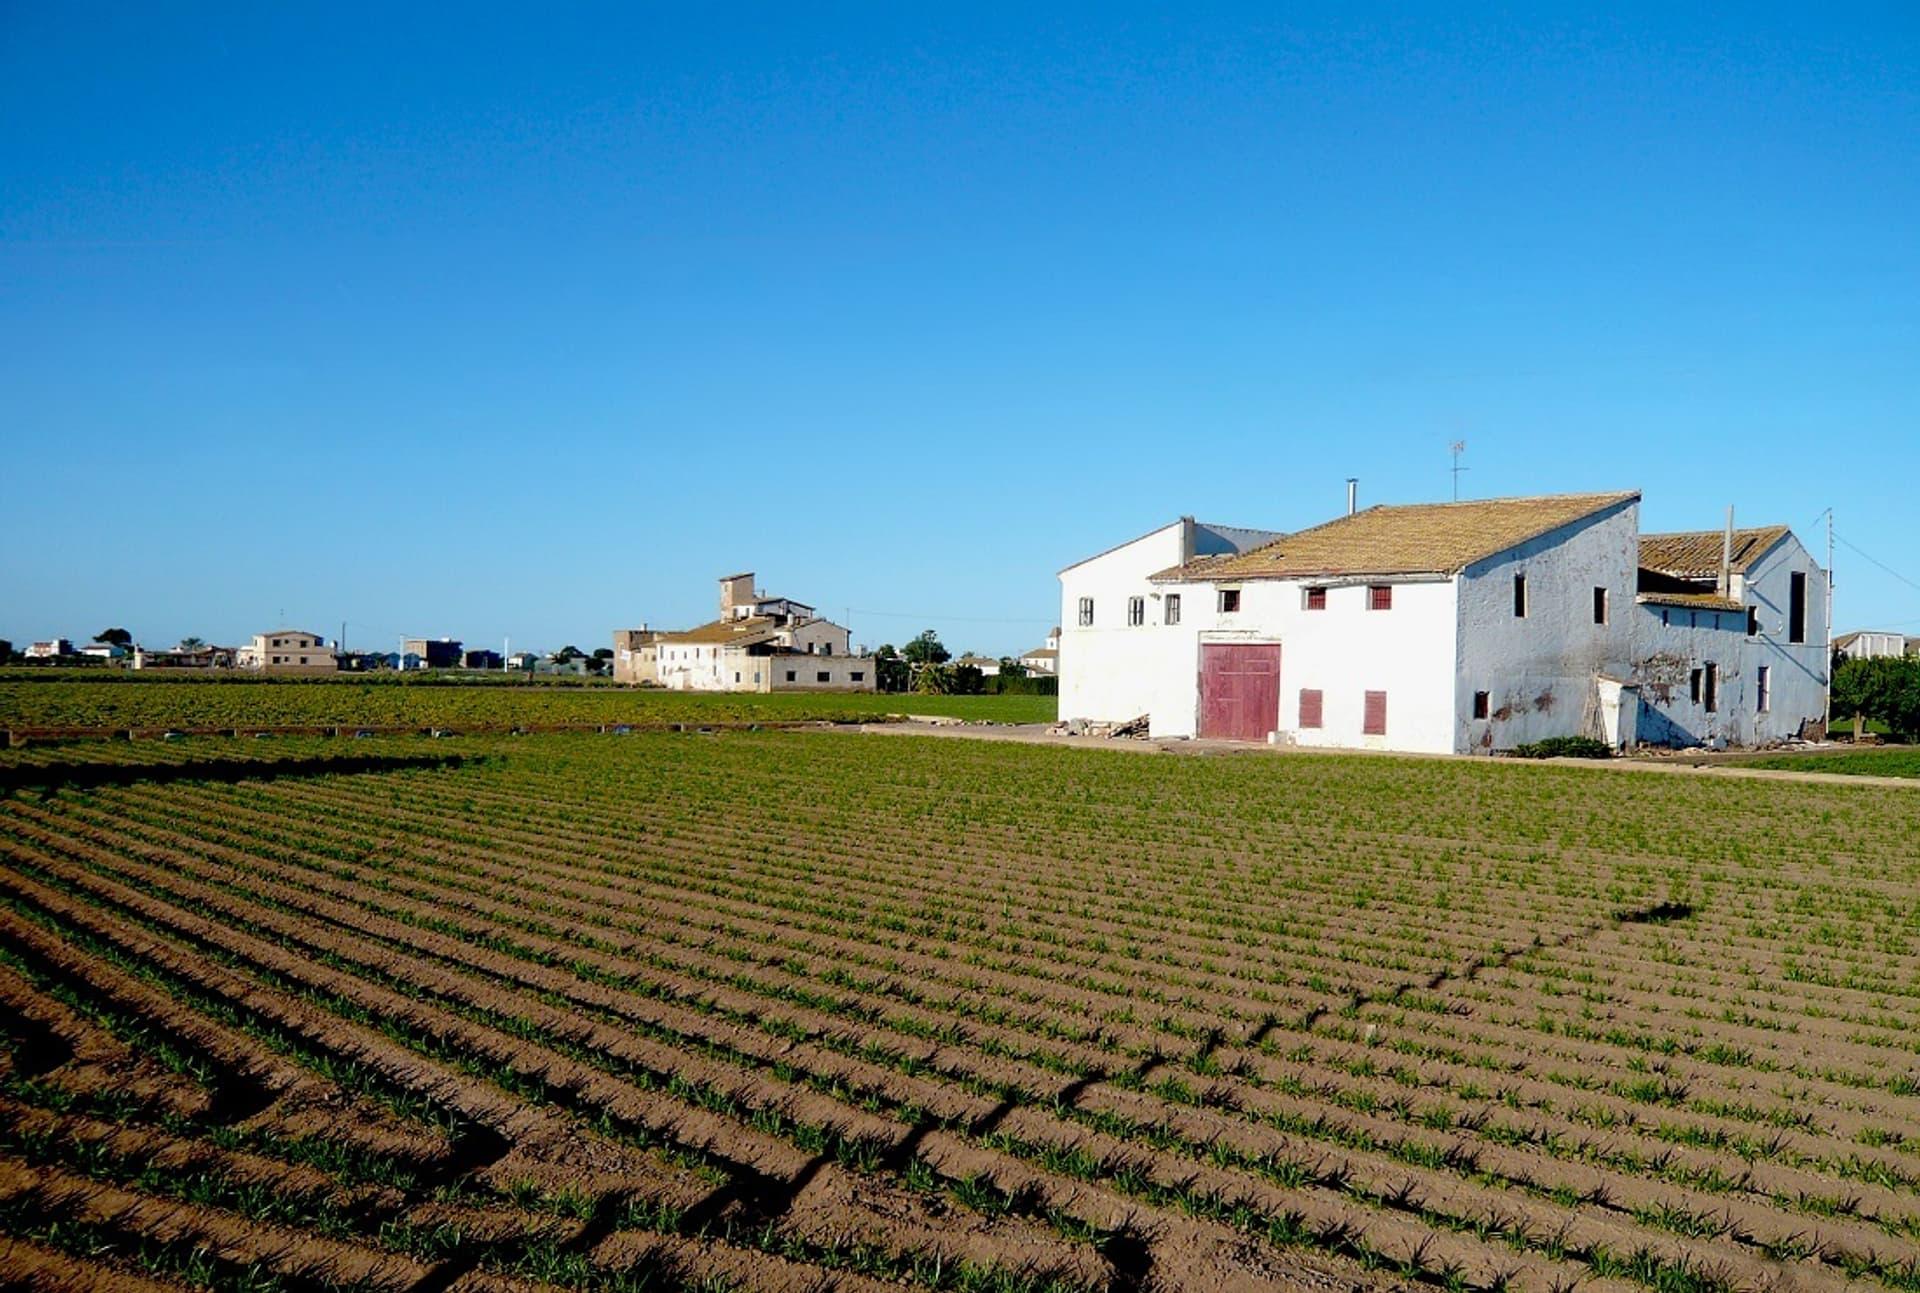 Erdmandel-Beete in Spanien. Schützt die neue Norm vor Überdüngung im Bio-Anbau?